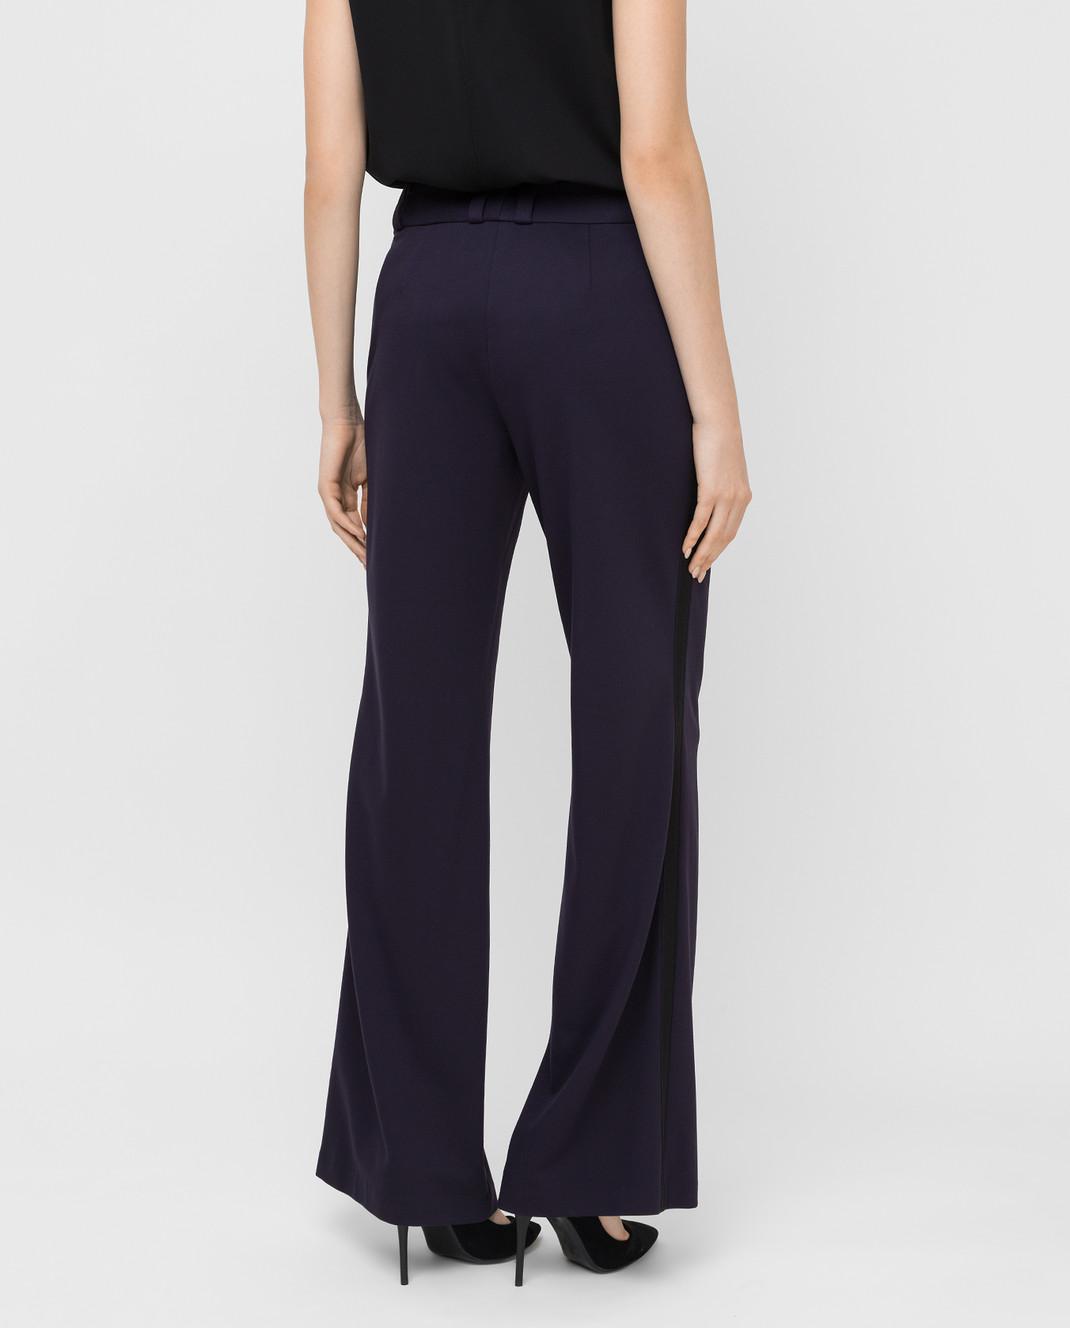 Maison Ullens Фиолетовые брюки PAN082 изображение 4